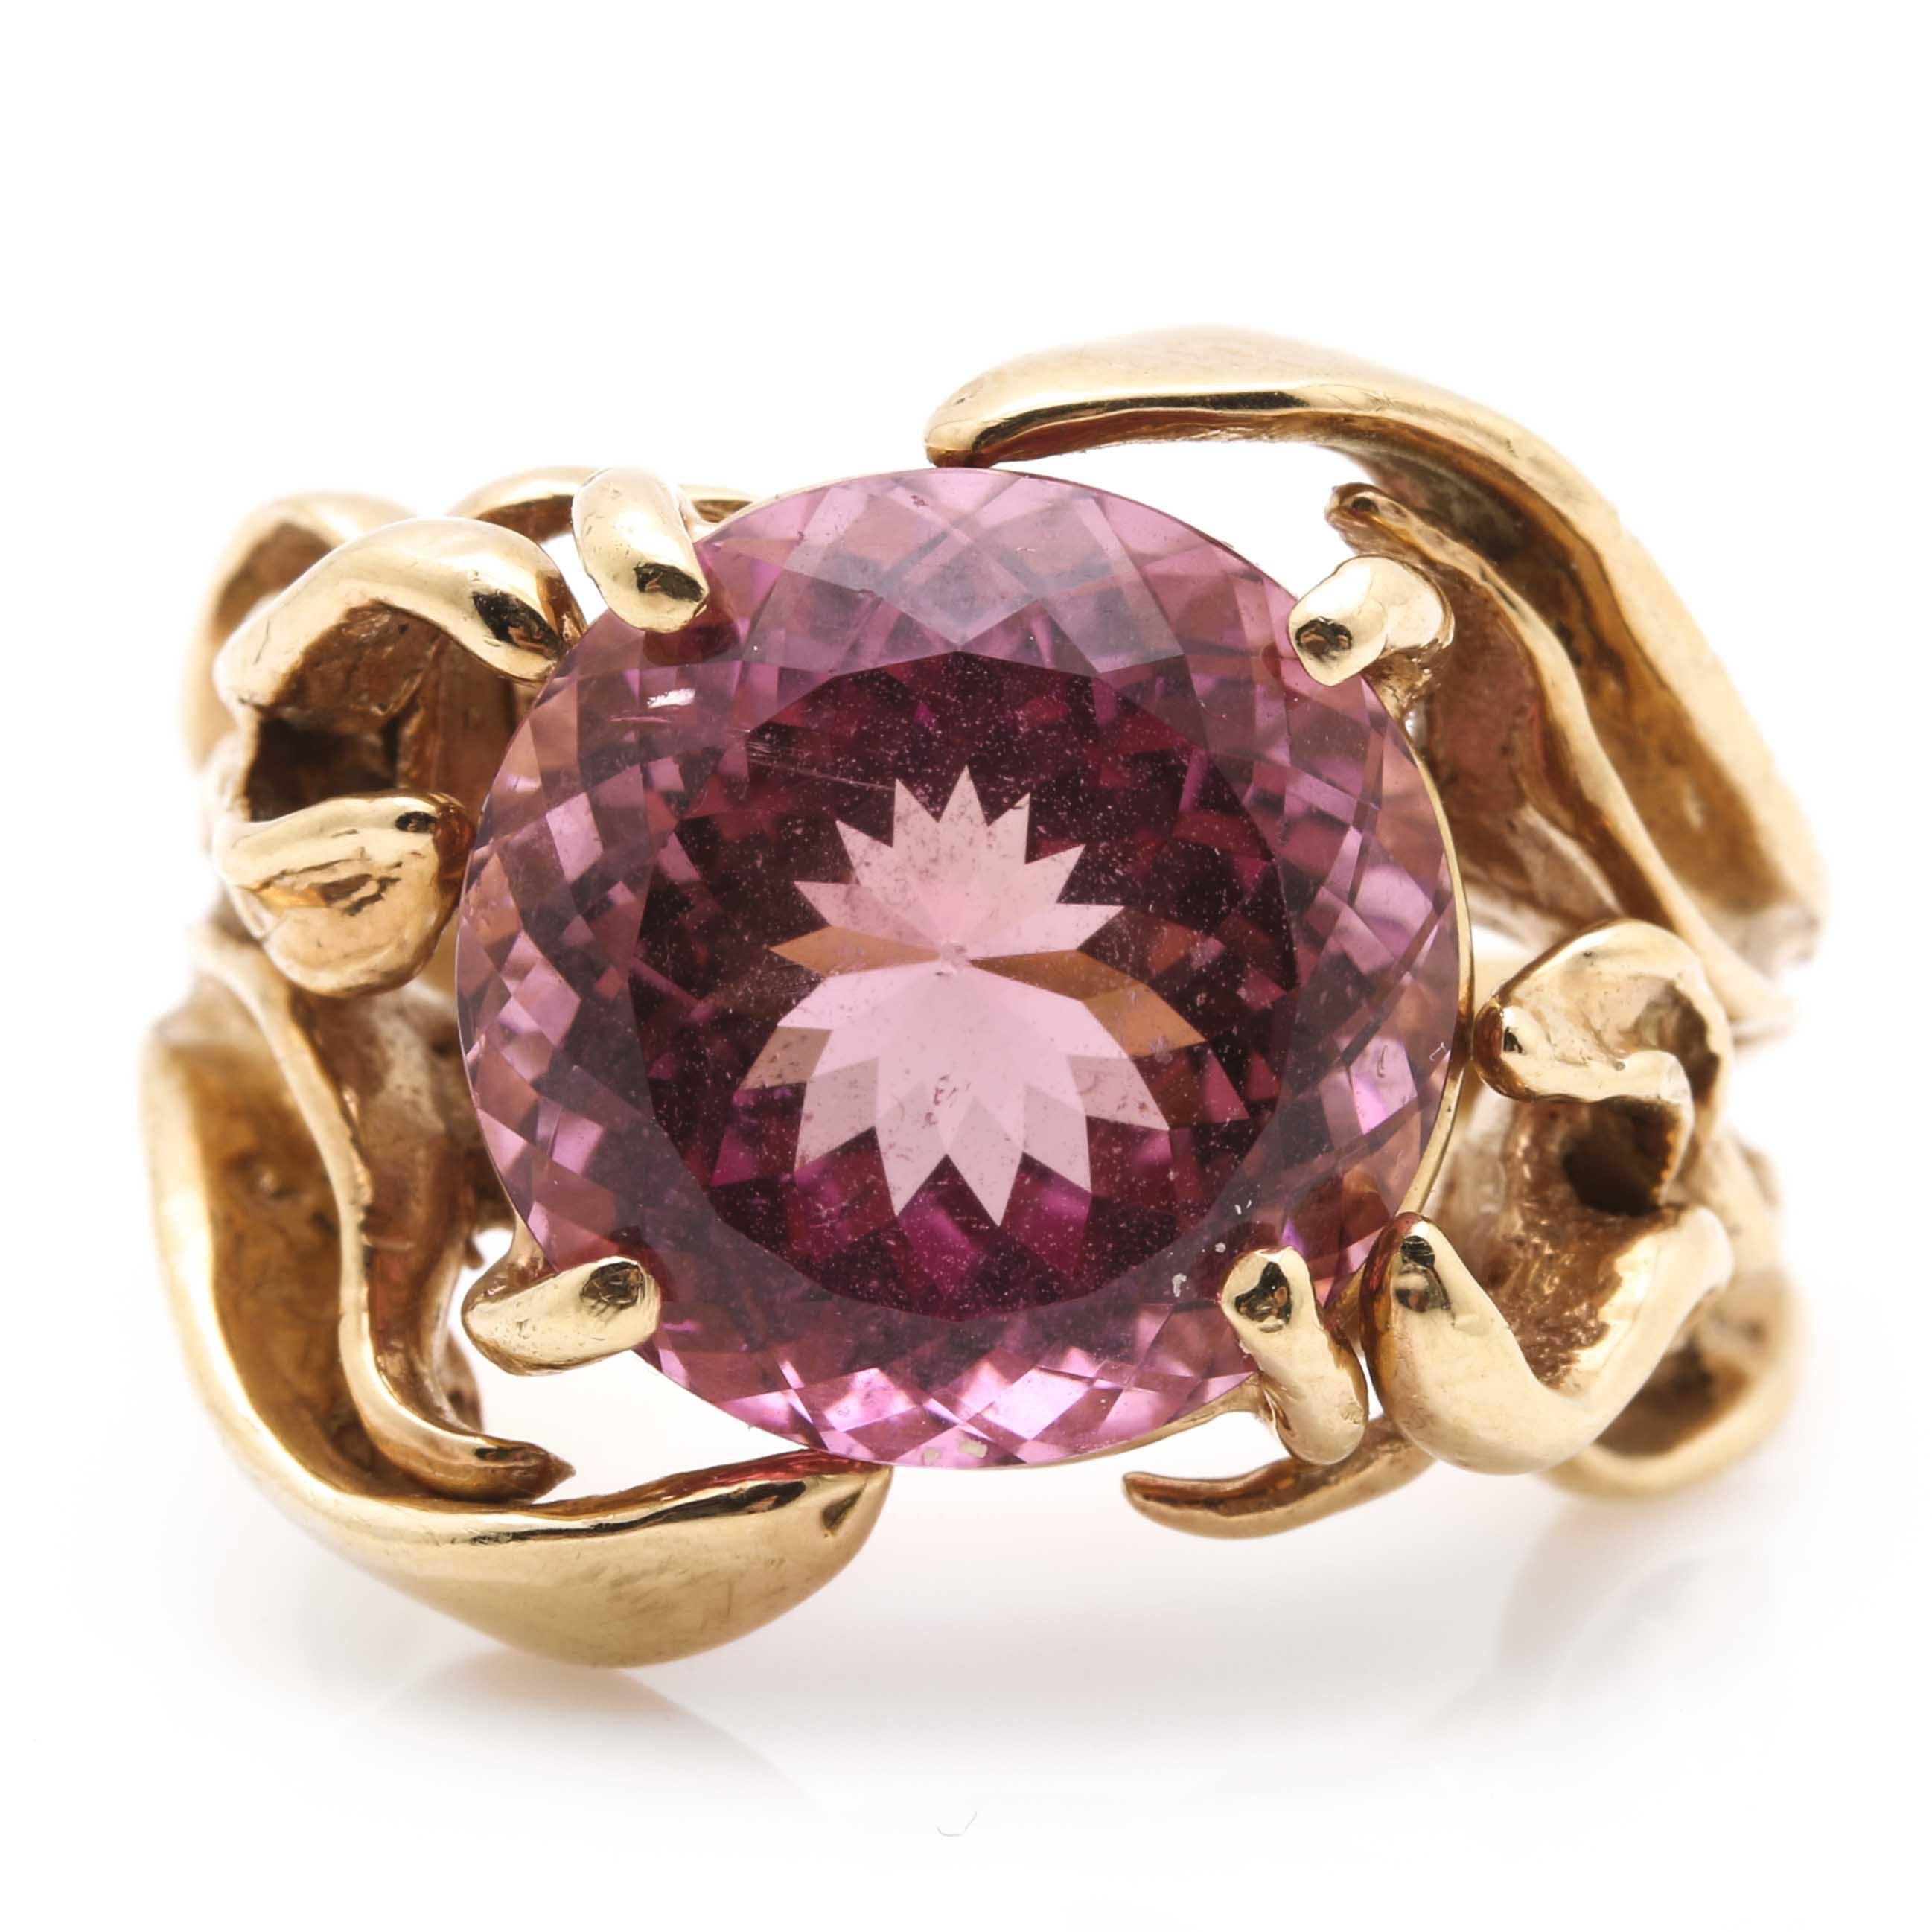 10K Yellow Gold Pink Tourmaline Ring